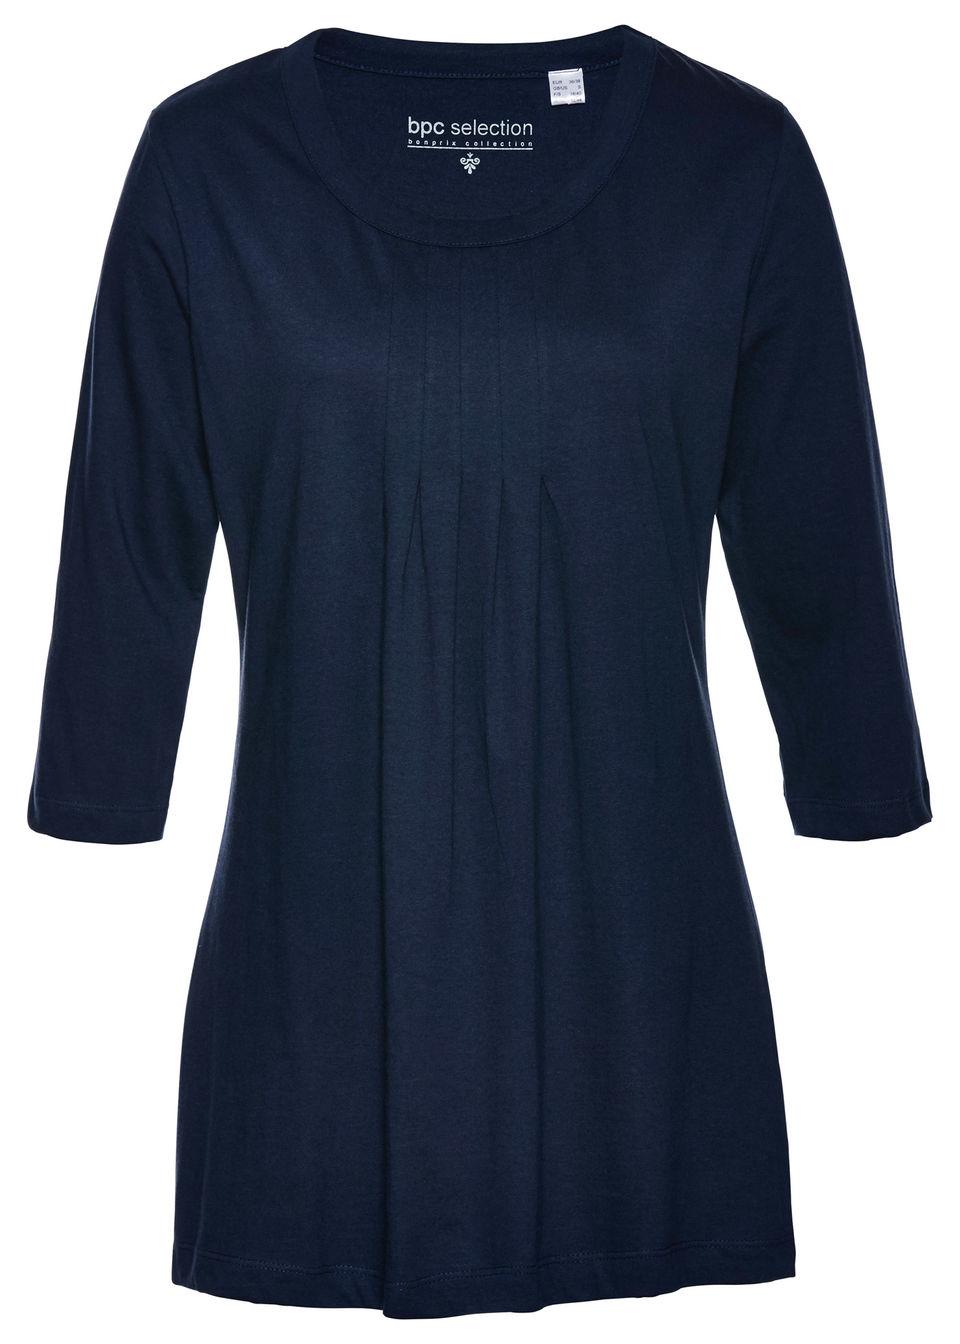 Купить Футболки, Удлиненная футболка с рукавом 3/4, bonprix, темно-синий